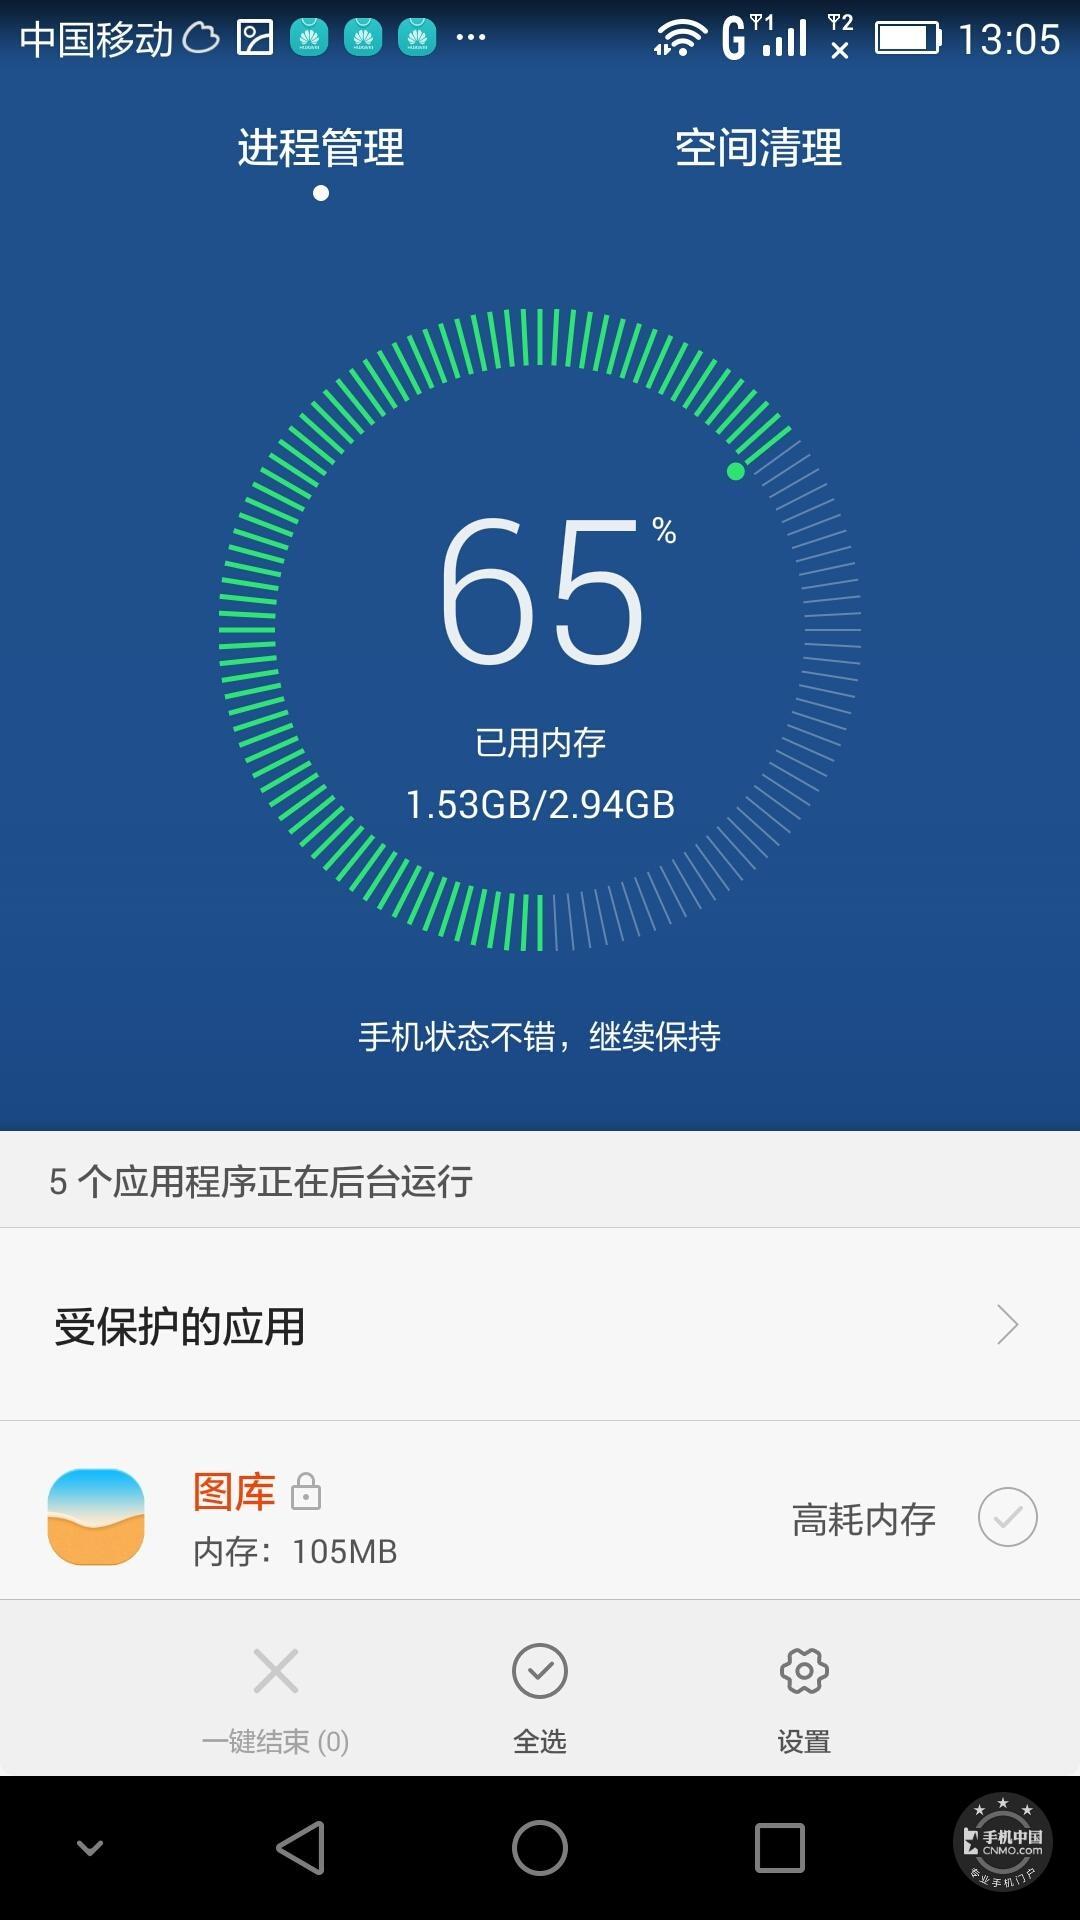 荣耀6Plus(移动4G)手机功能界面第7张